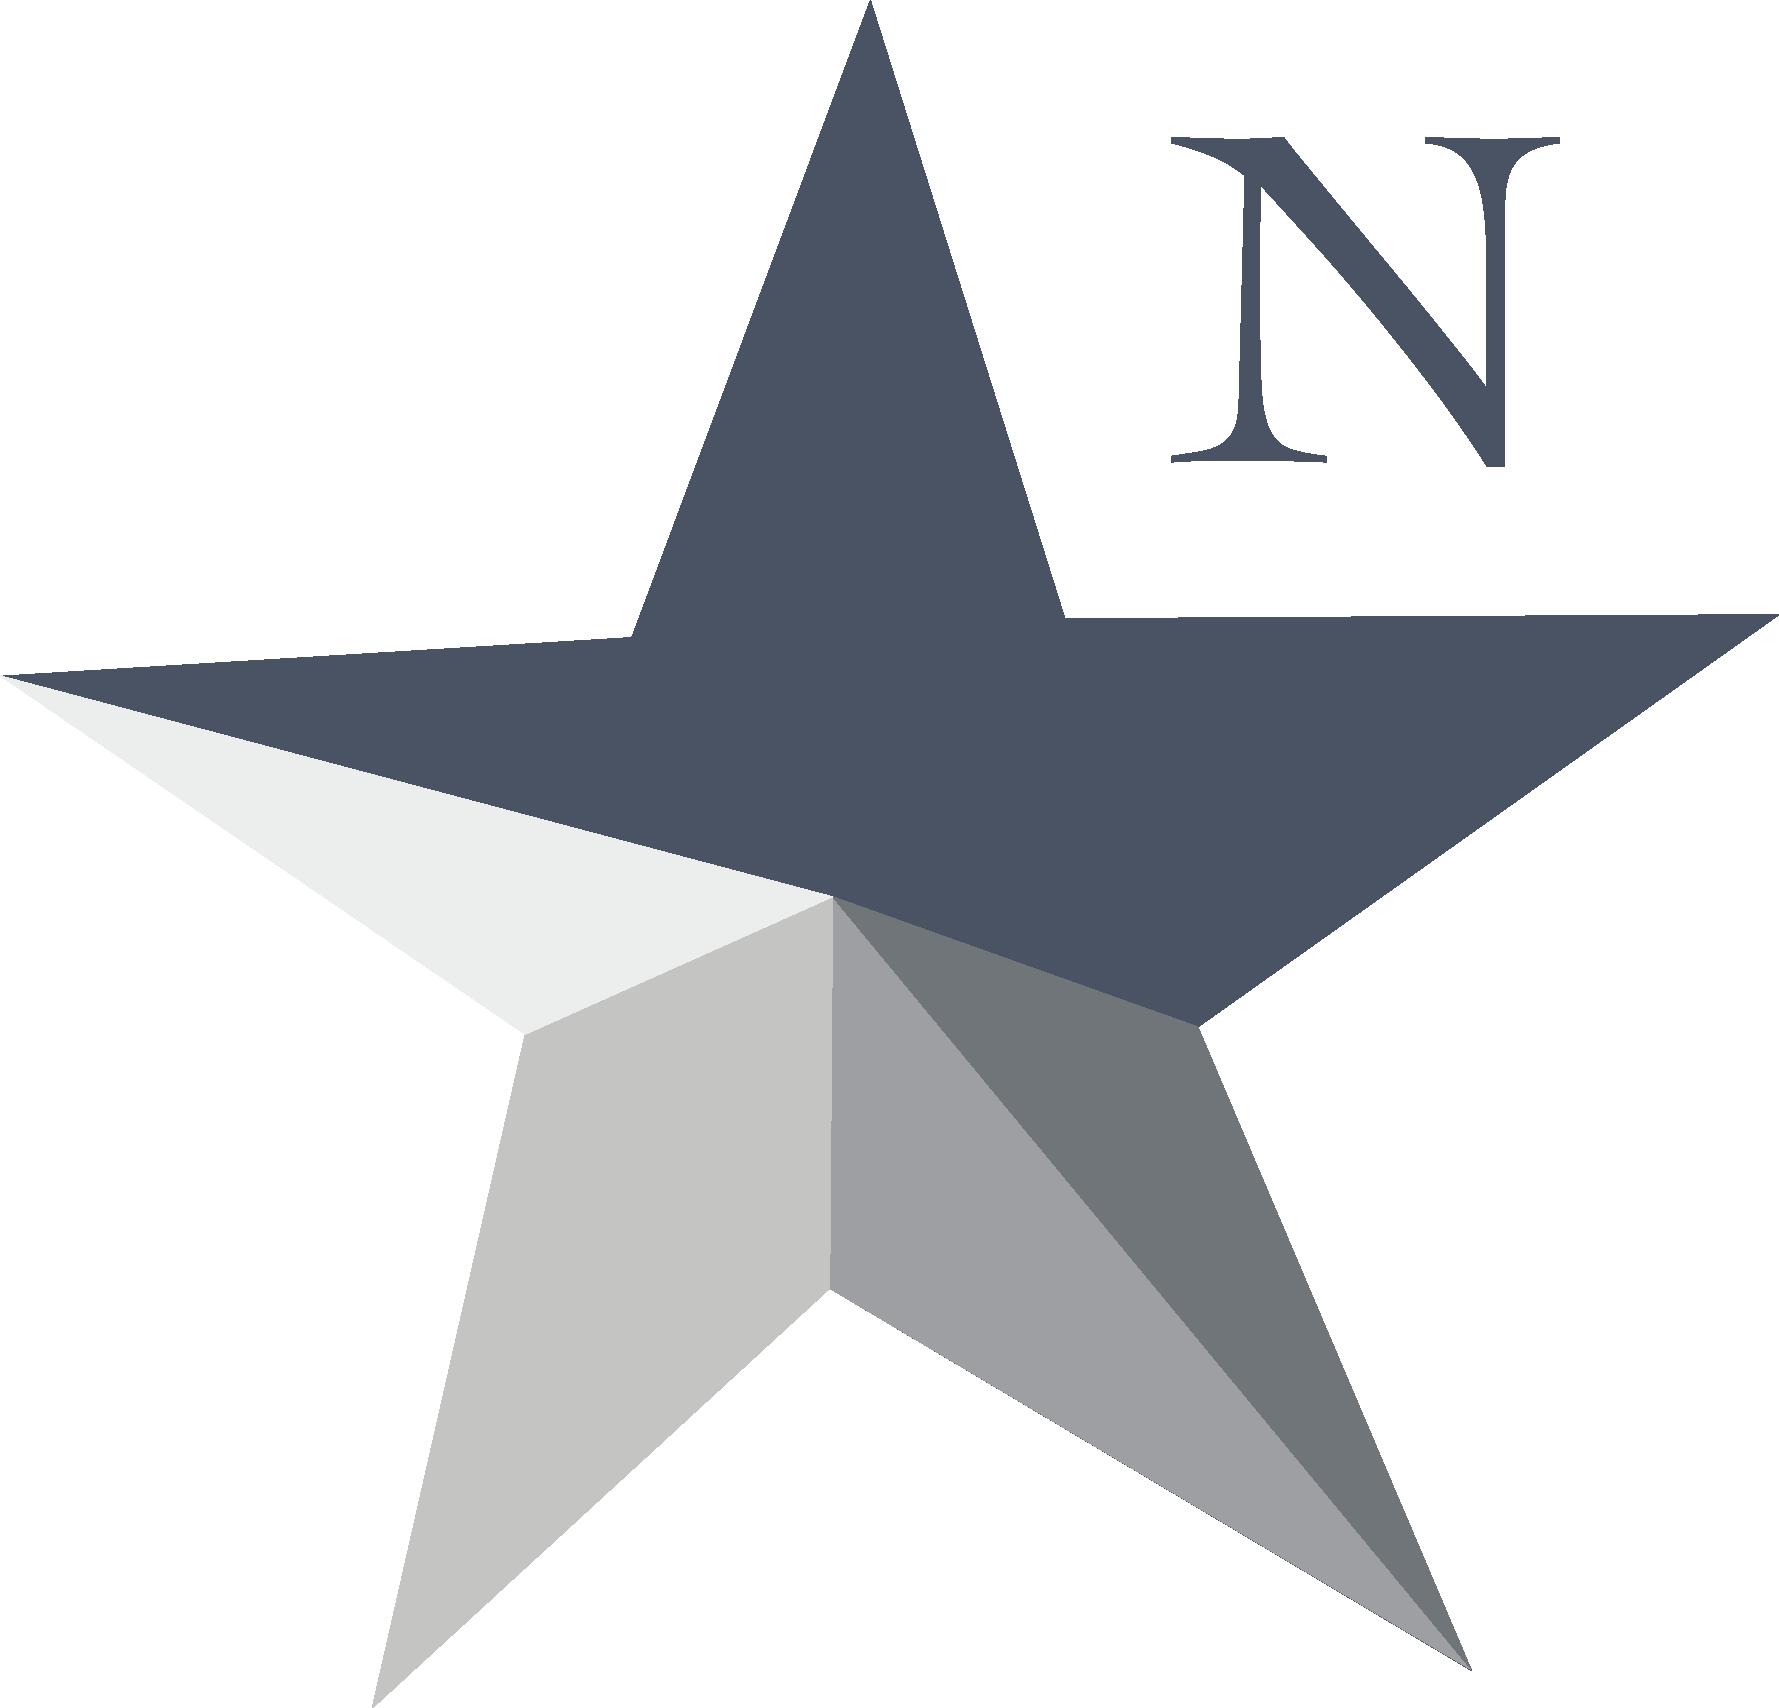 N_emblem.png